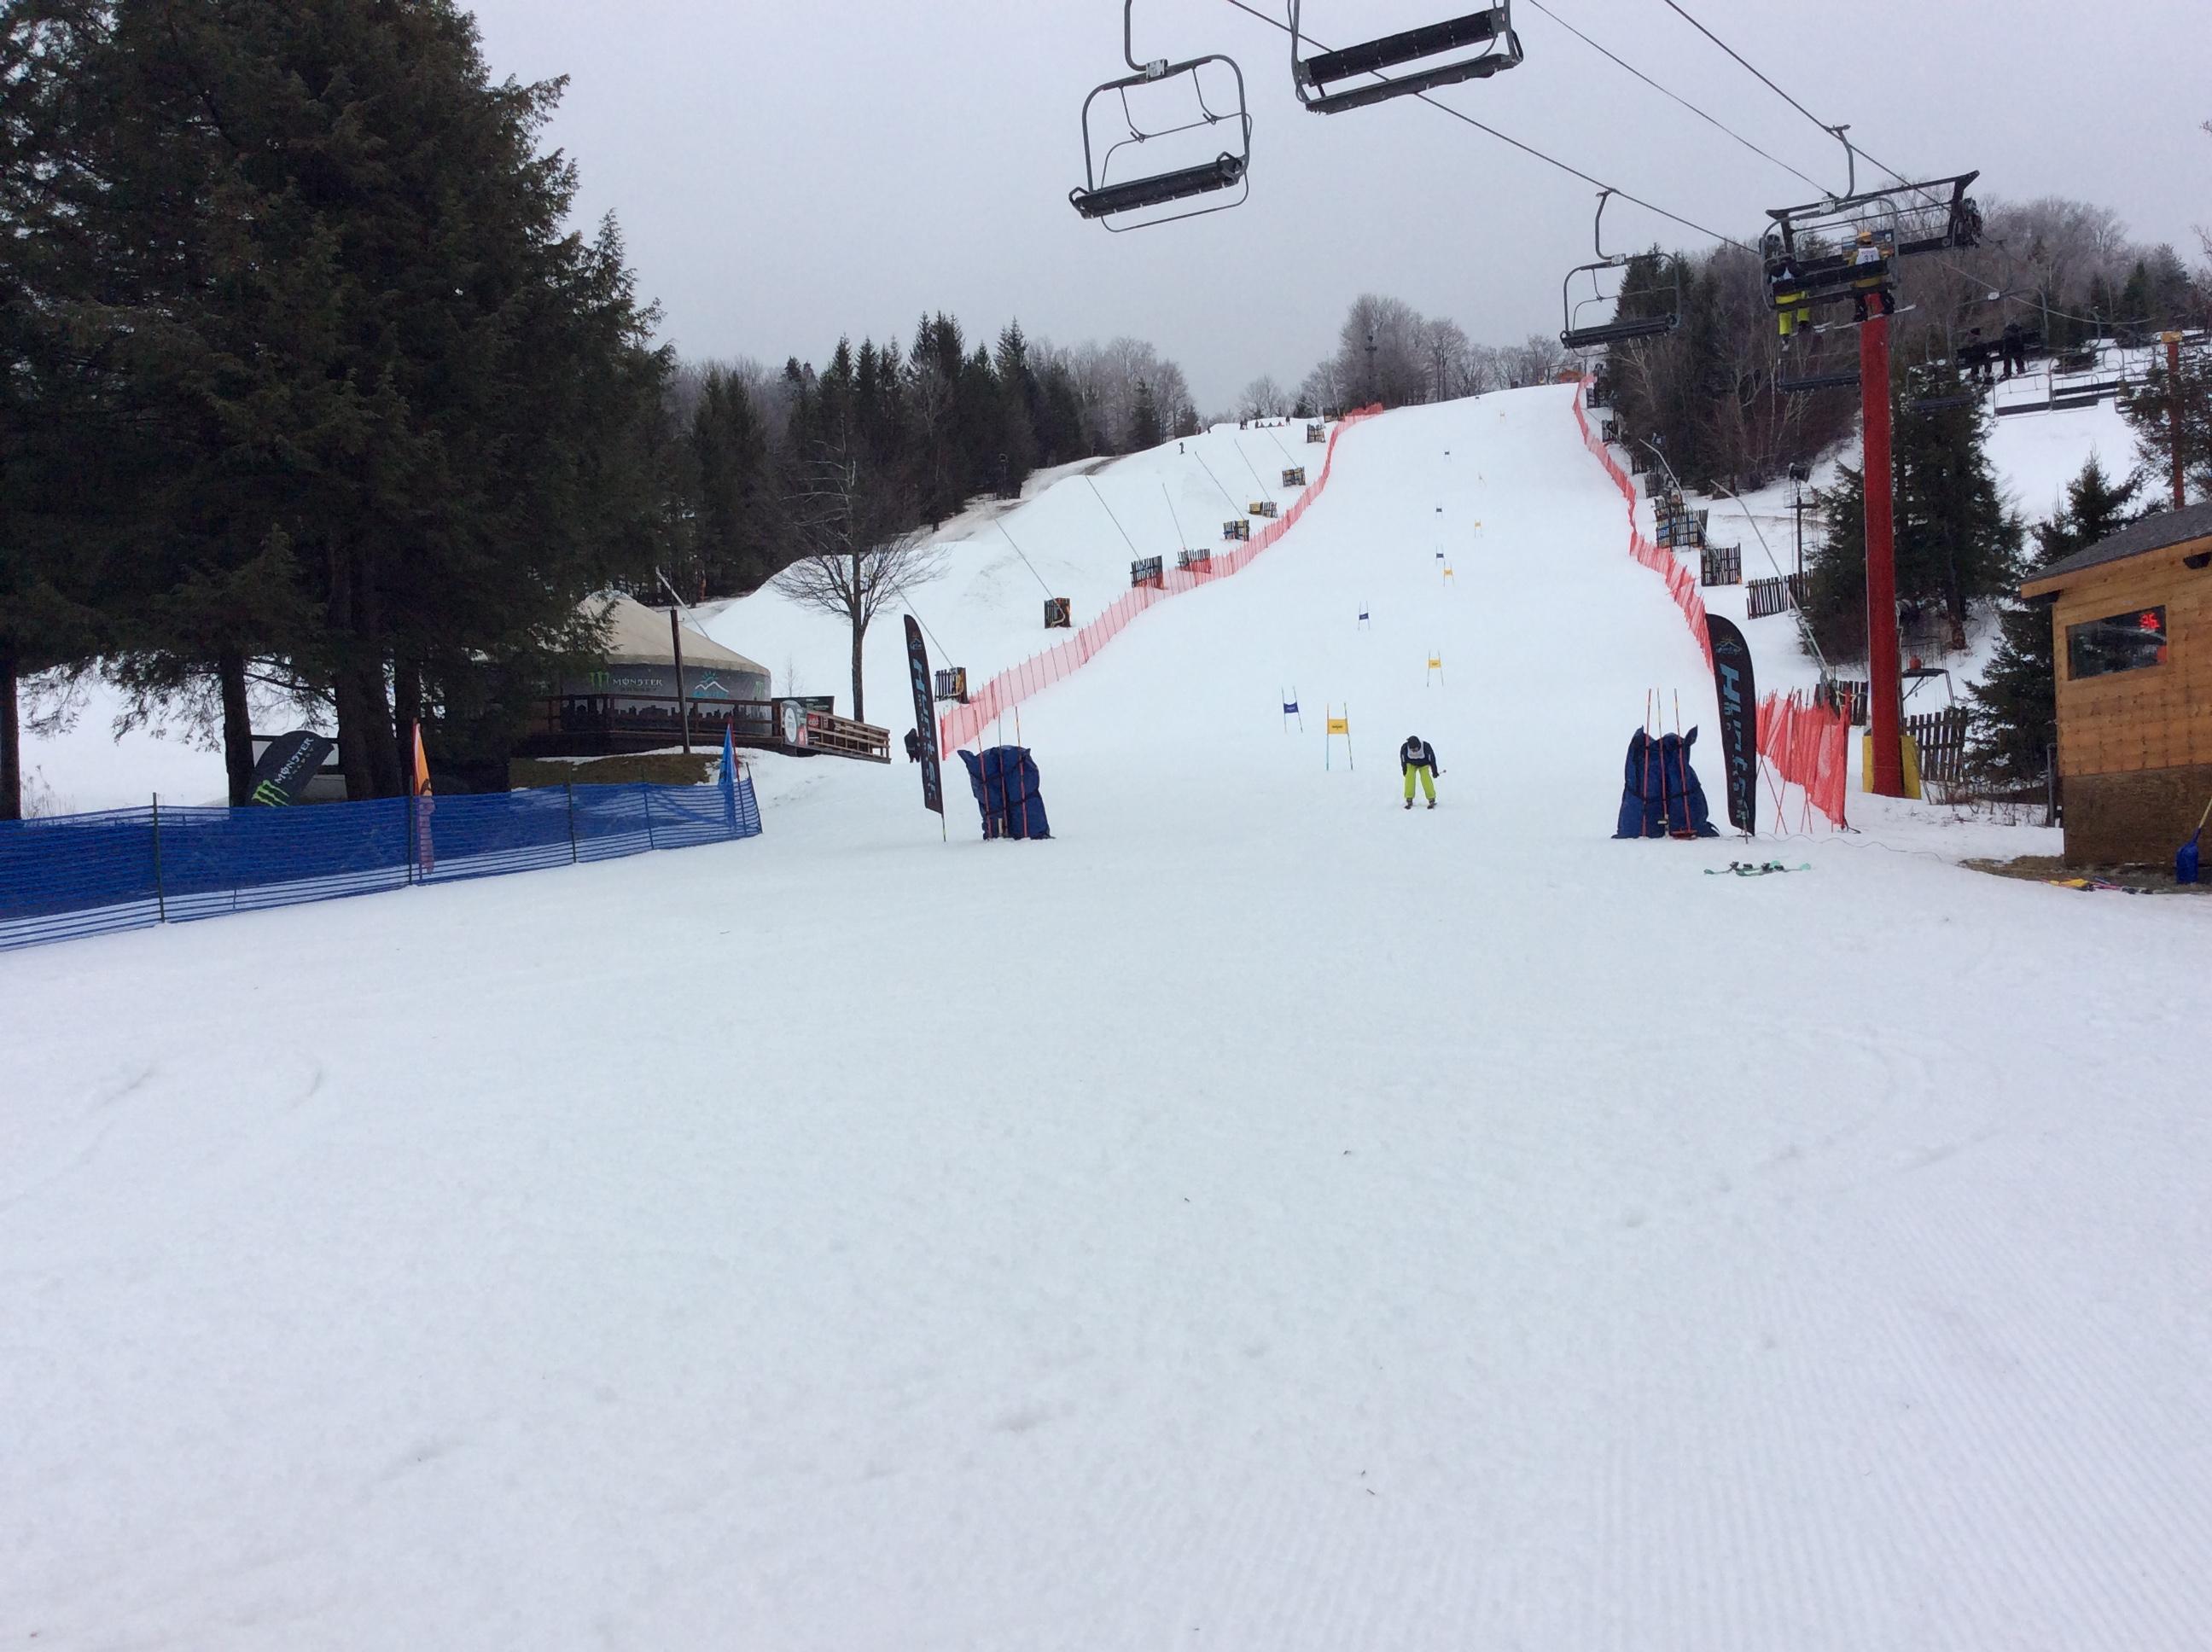 nypd-ski-club_32018695460_o